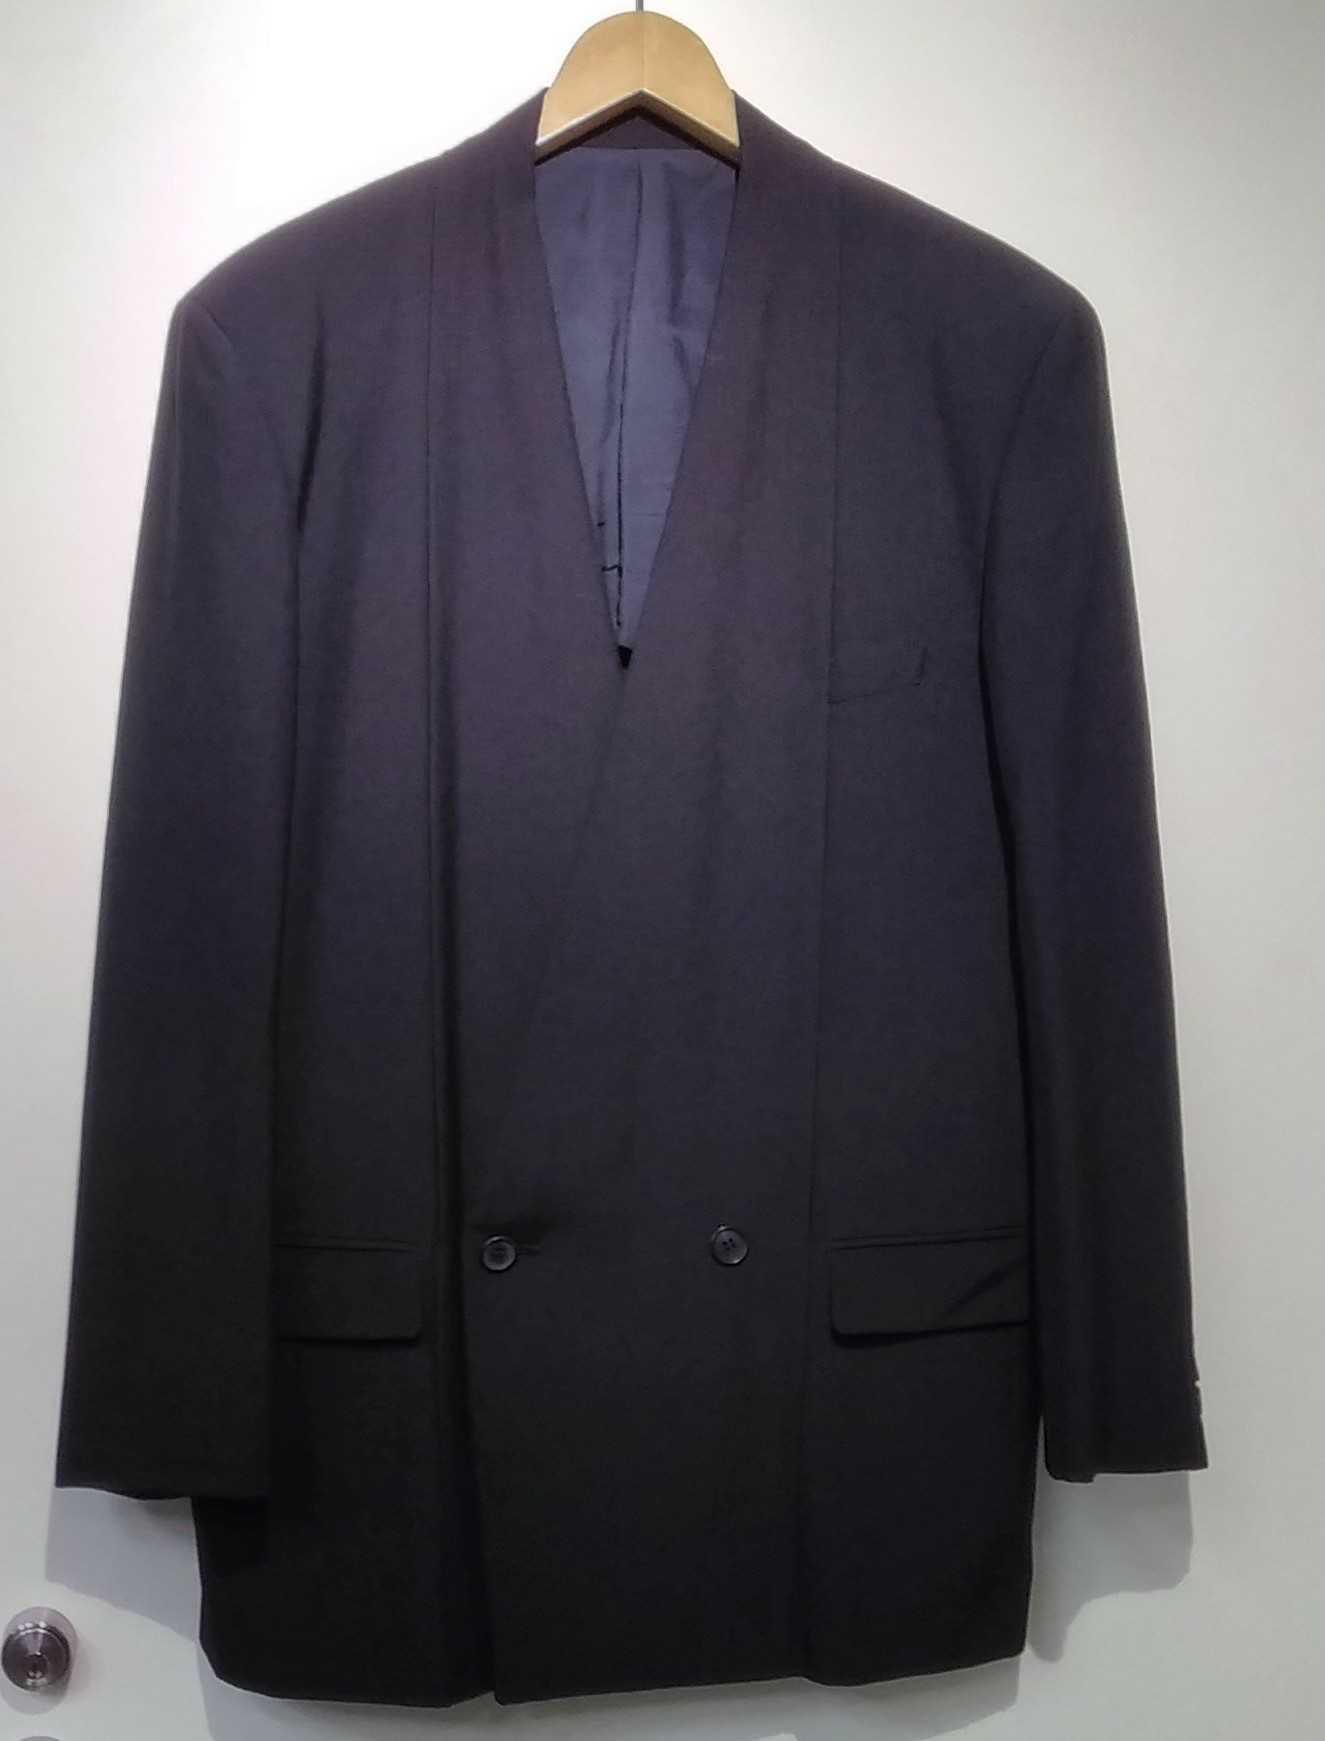 ダブルブレストスーツ ISSEY MIYAKE MAN